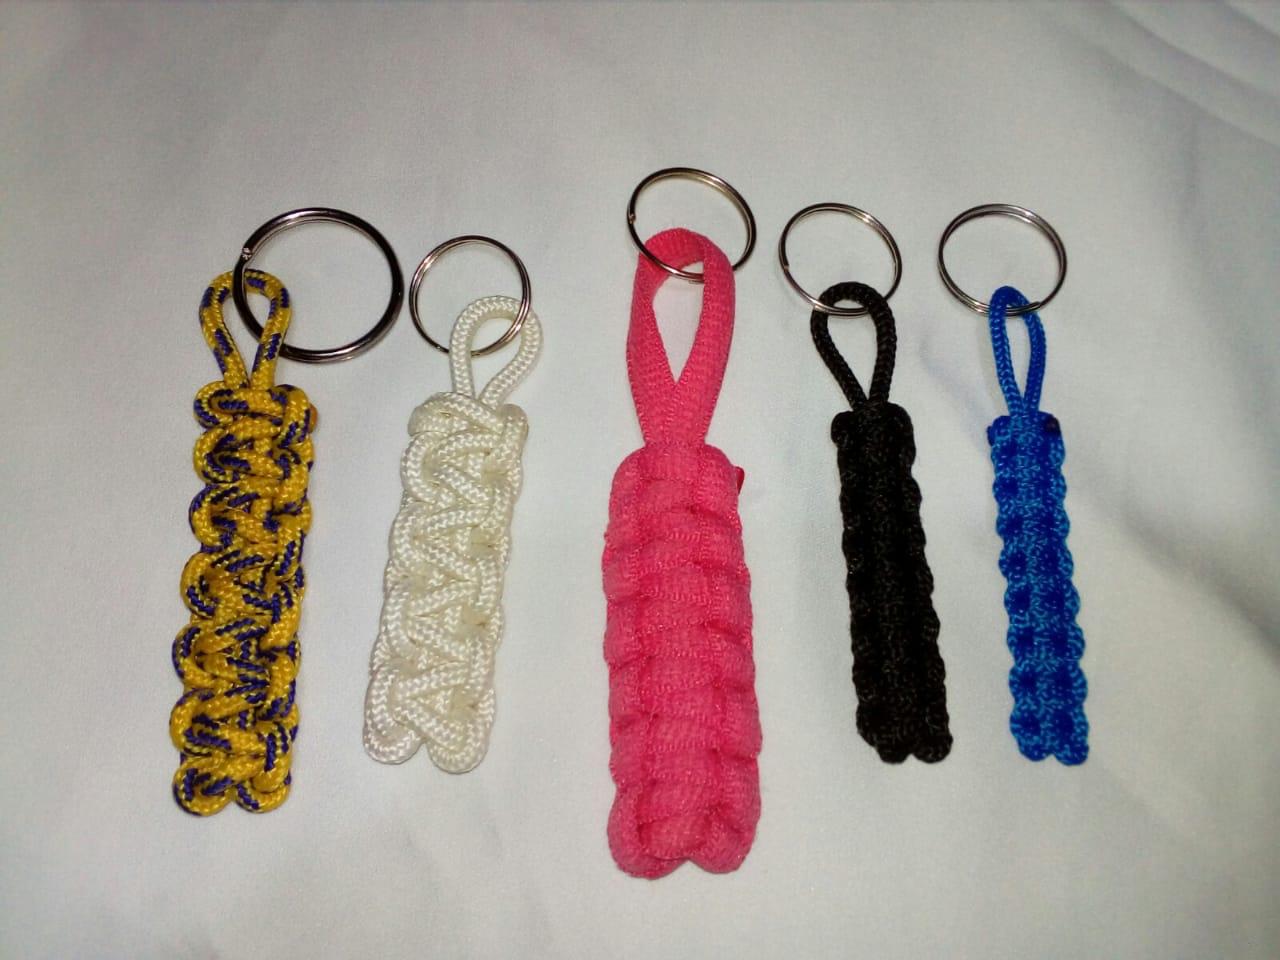 Llaveros tejidos a mano, producto artesanal